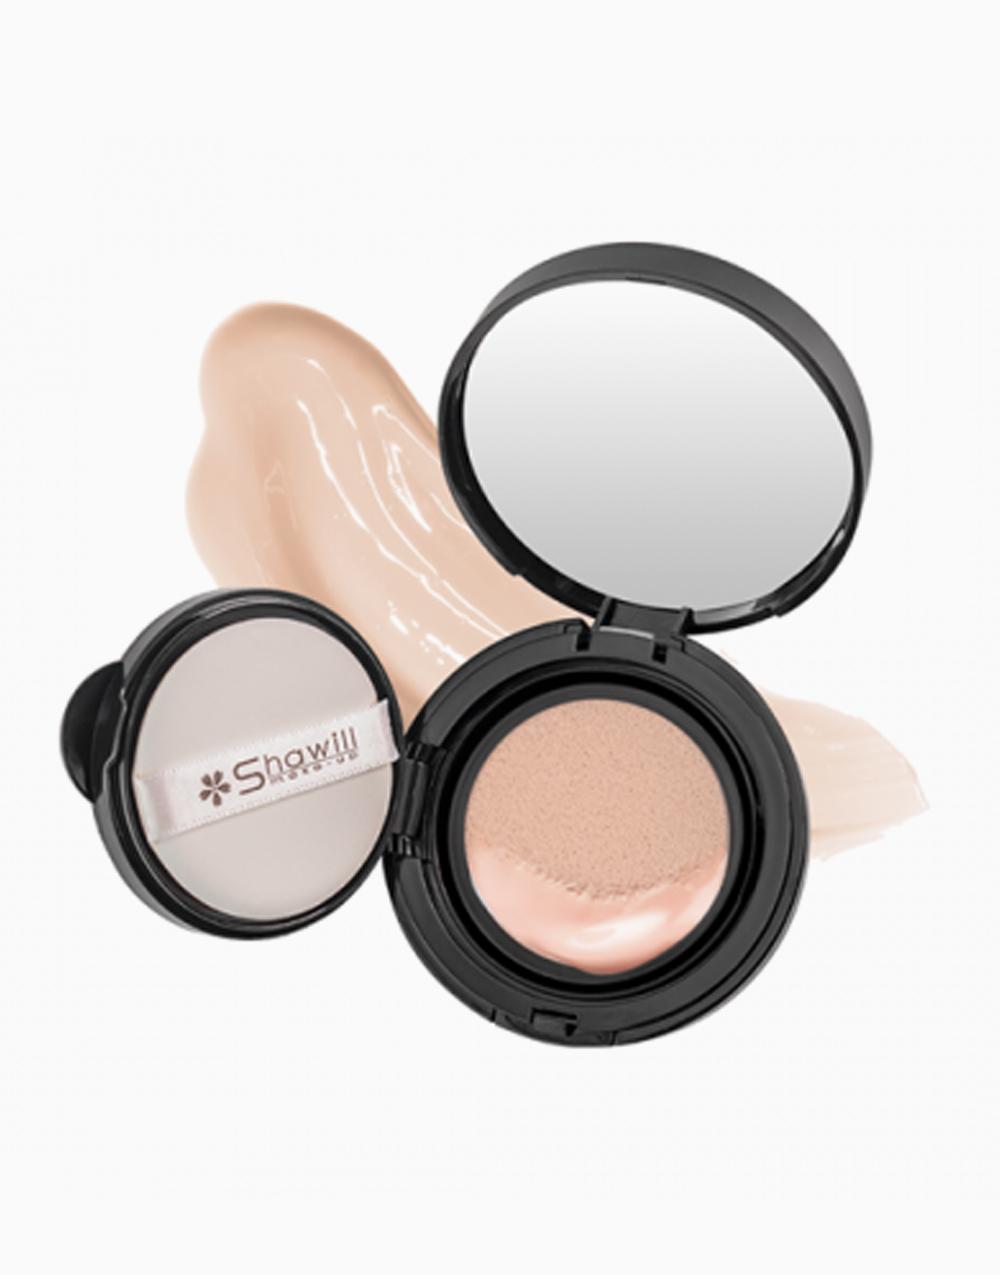 BB Cream Air Cushion by Shawill Cosmetics | #2